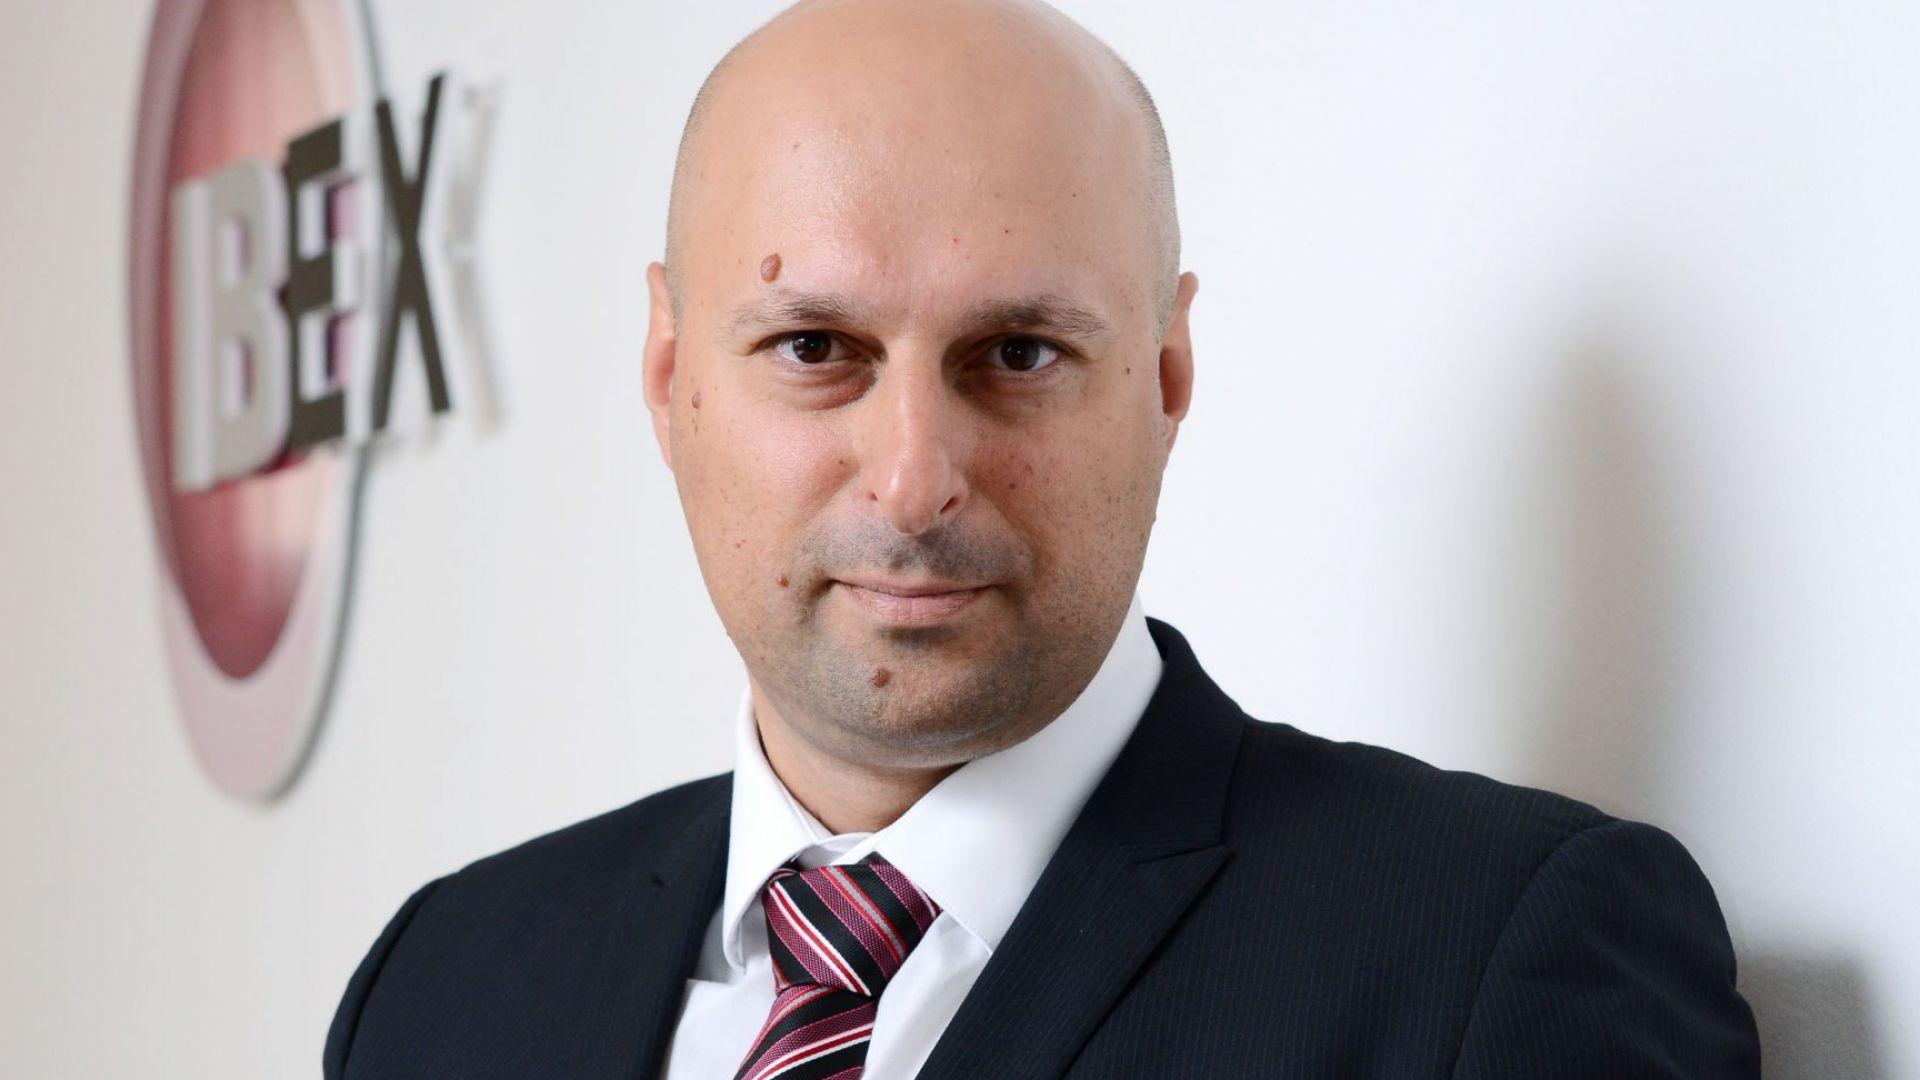 """Най-голям ефект върху пазара ще има обединението """"Ден напред"""" на българо-румънска граница"""